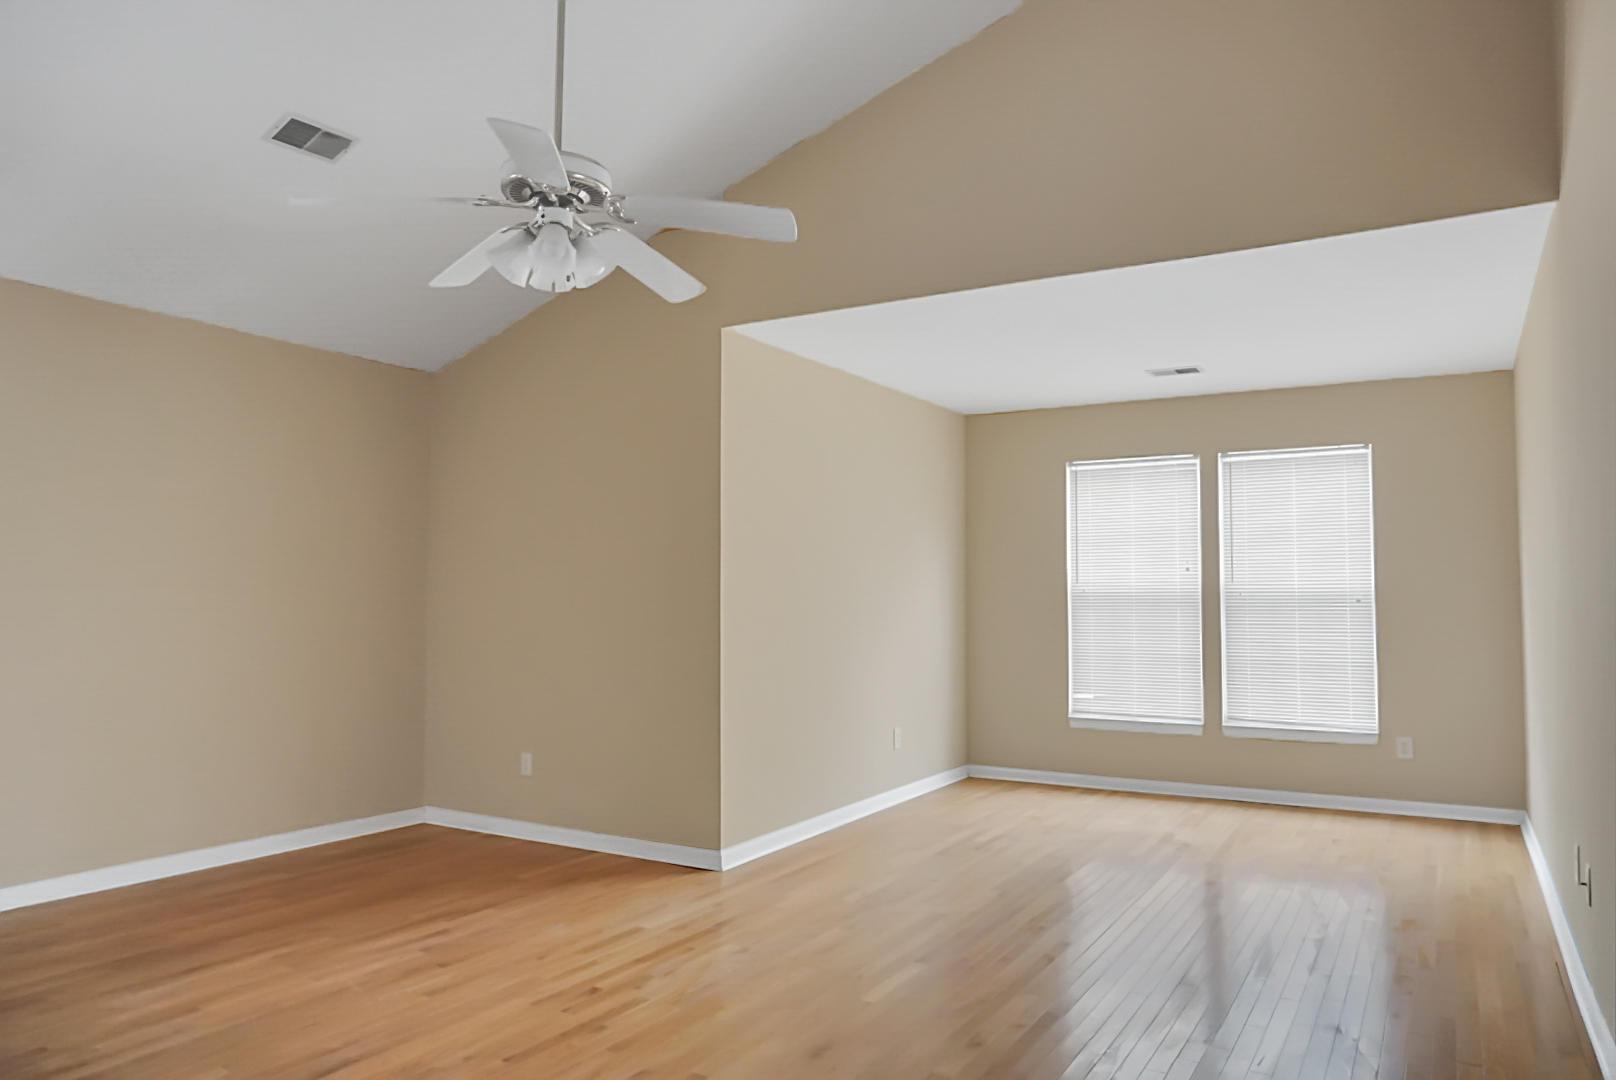 Dunes West Homes For Sale - 3209 Carmel Bay, Mount Pleasant, SC - 2